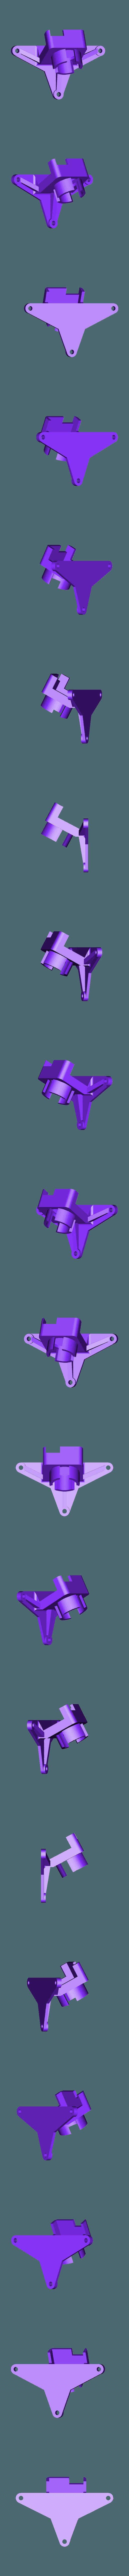 cam_mount_20190909-68-169wmf0.stl Télécharger fichier STL gratuit Brushless Shutter Bug • Plan pour impression 3D, noctaro